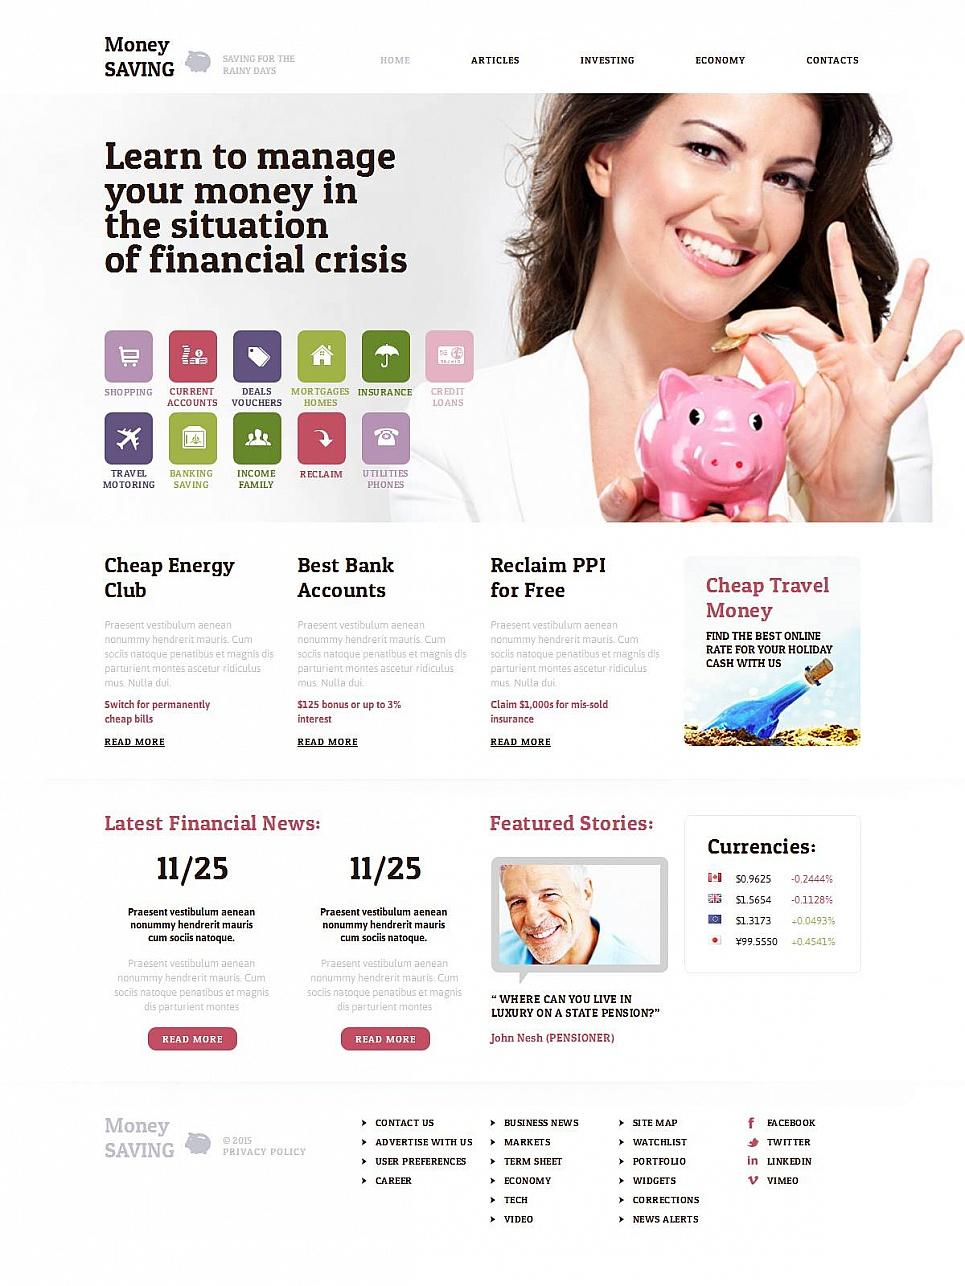 Banking Website Design - image